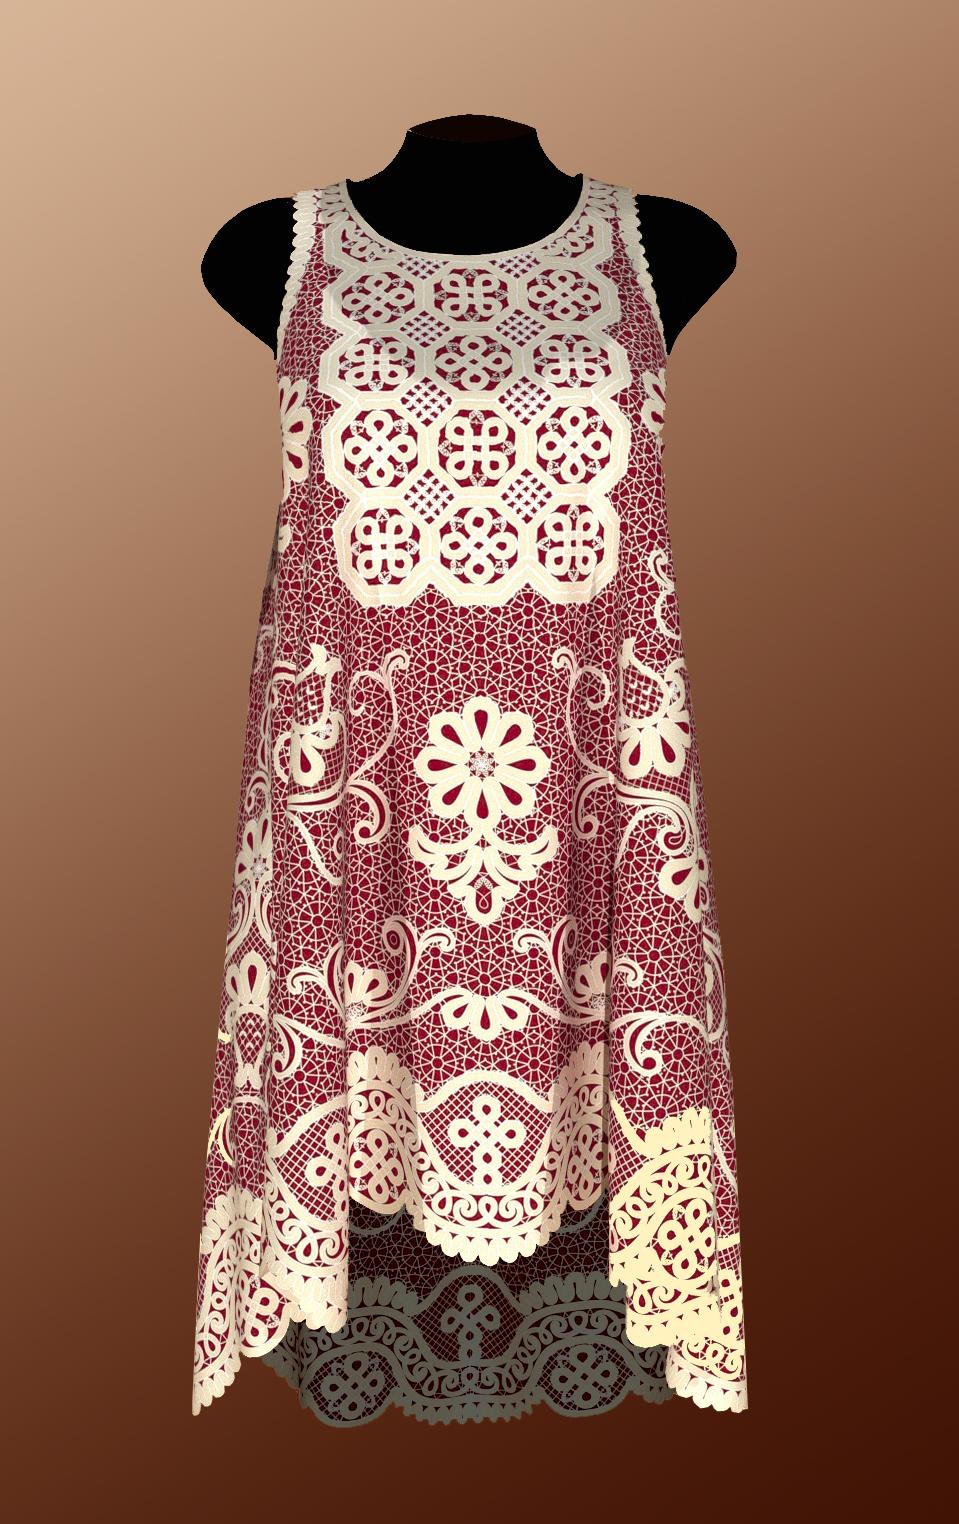 Сколок — Платье-туника.